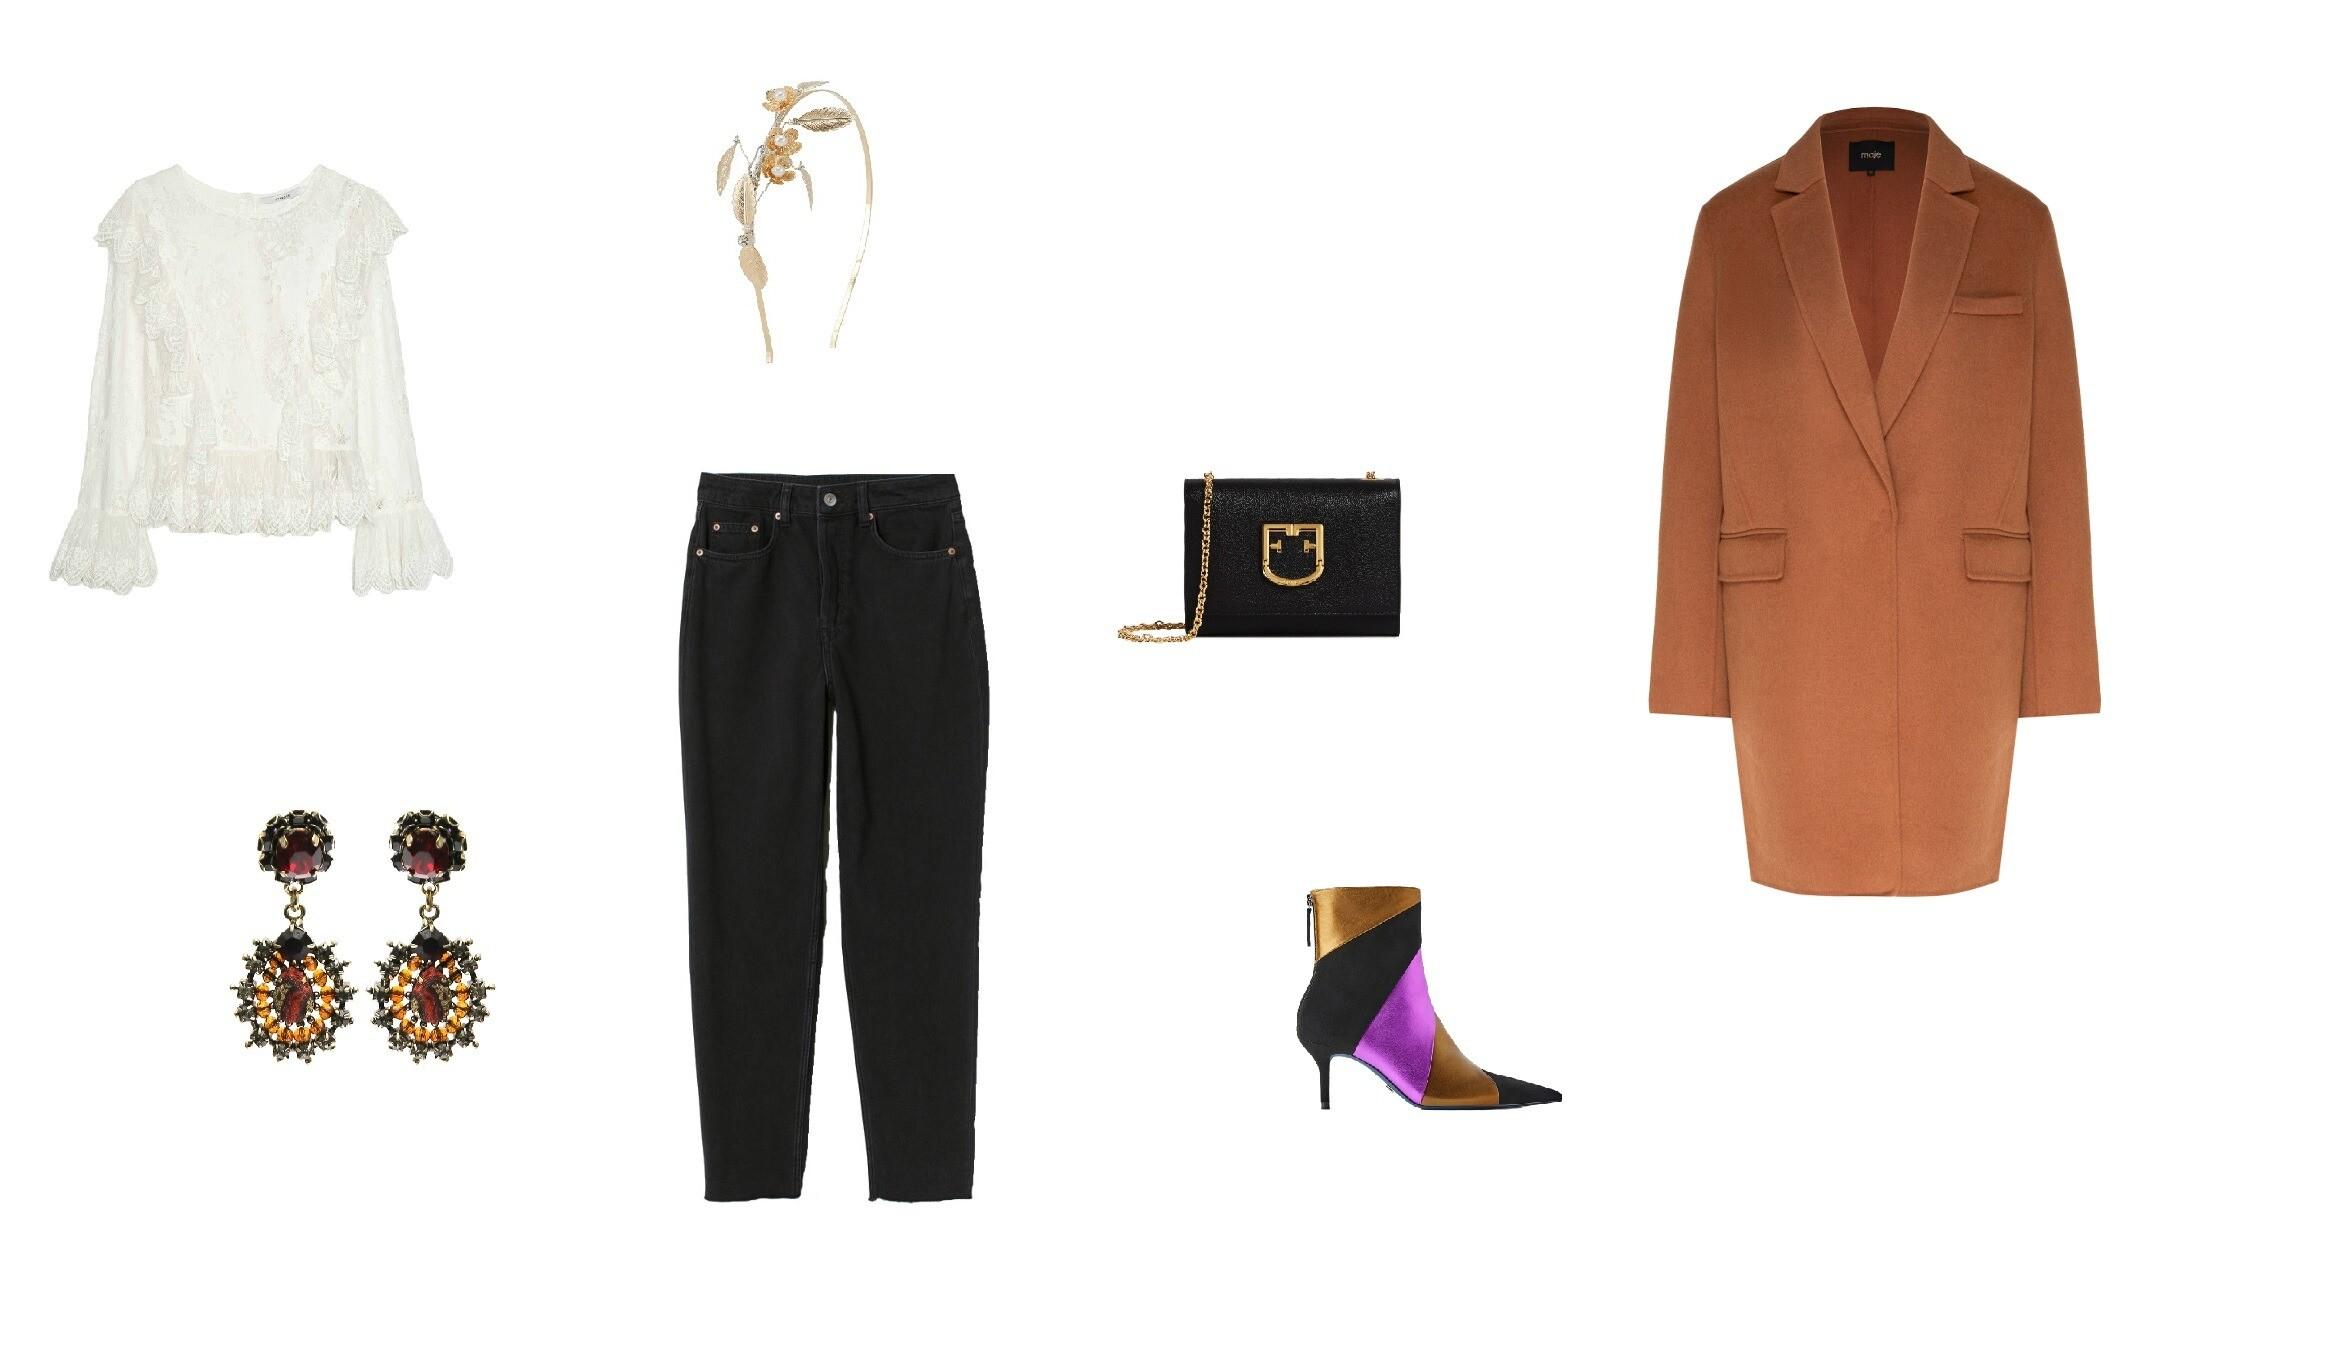 Джинсы H&M, 1 899 руб., блуза Uterque, 10 290 руб., серьk...